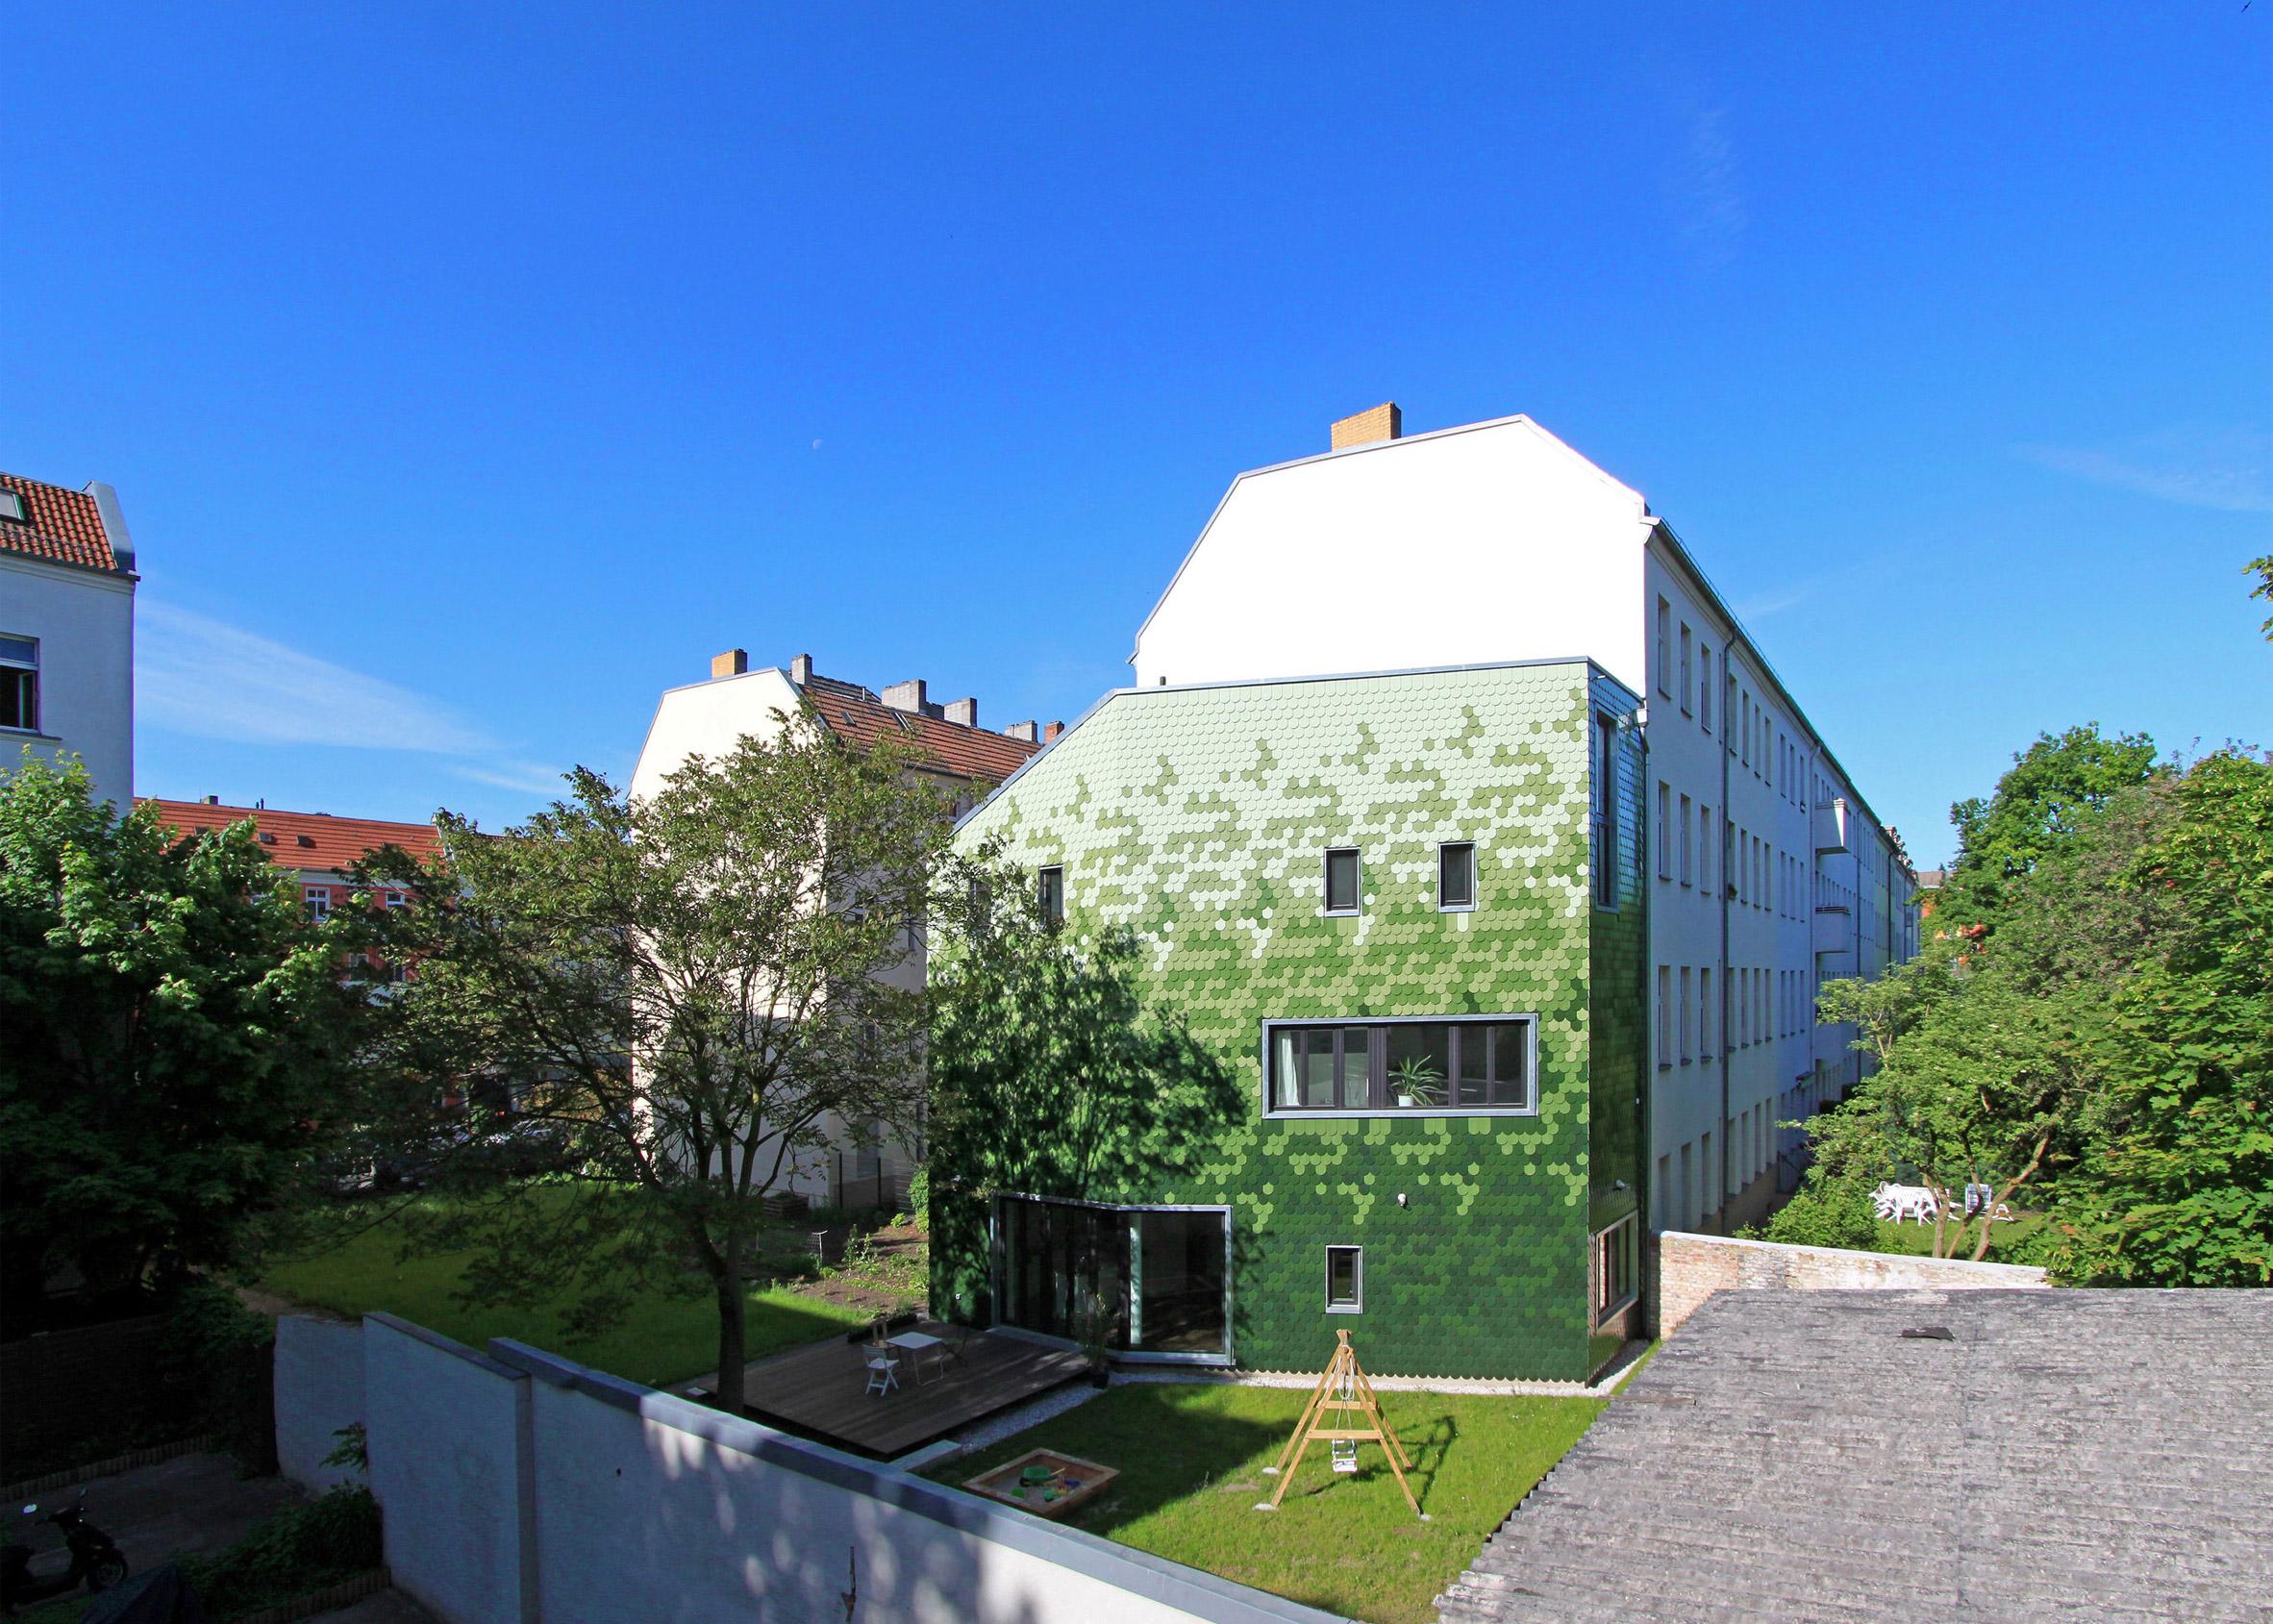 Schuppen by Brandt + Simon Architekten